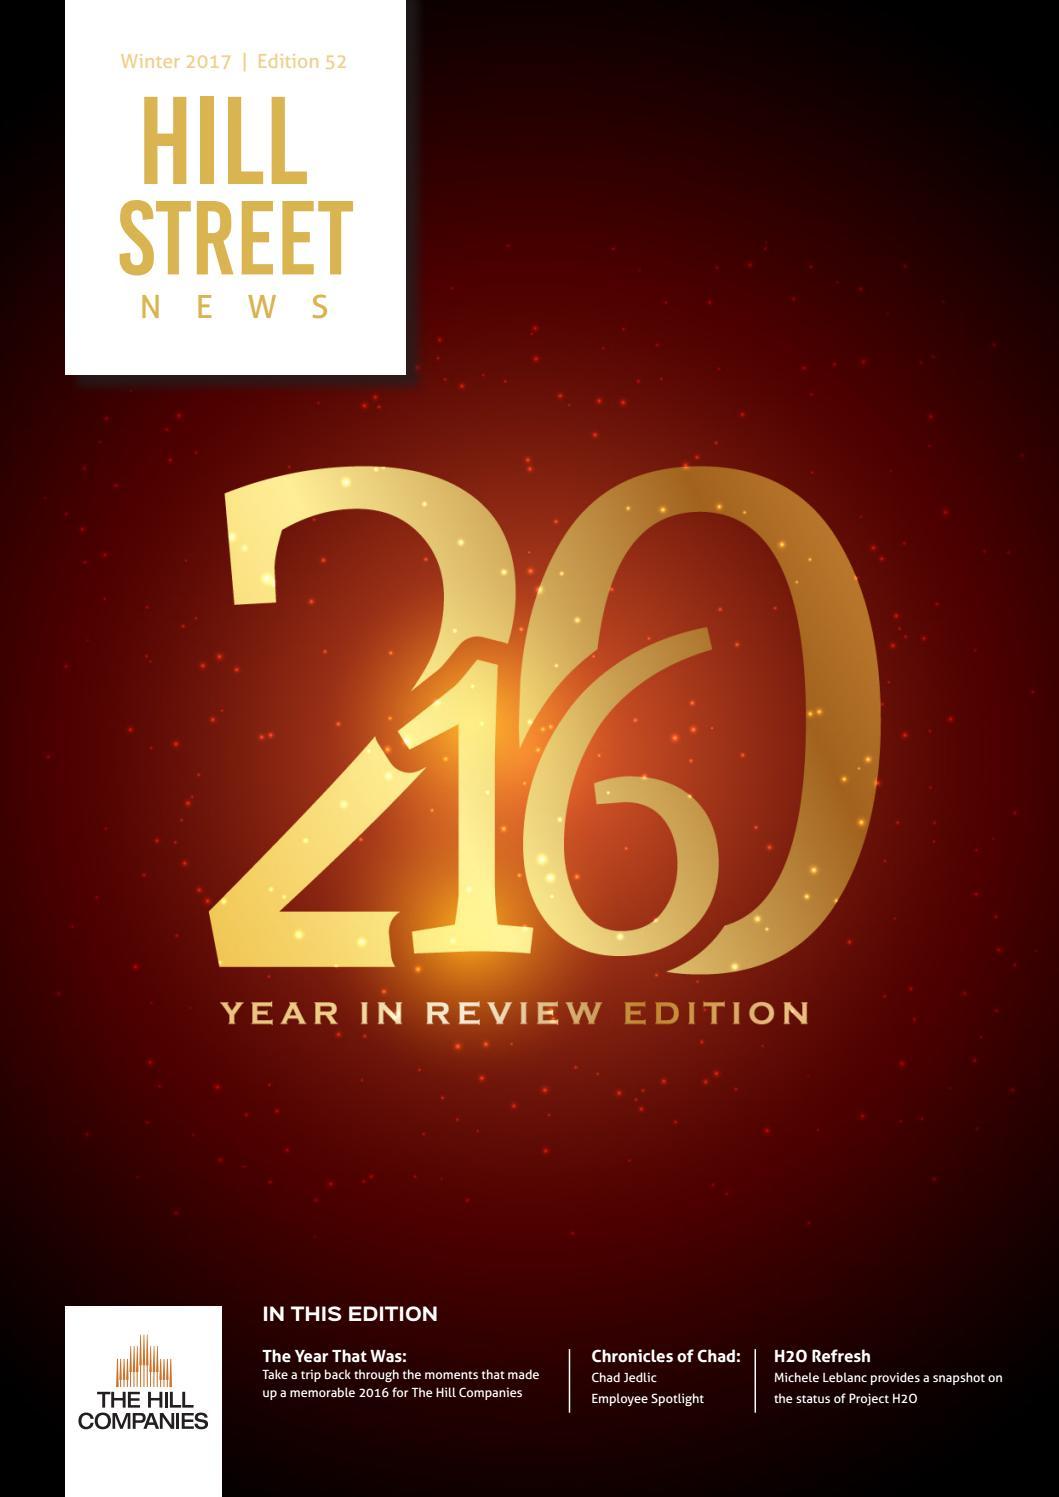 Hill Street News - Edition 52 by Matt Geiger - issuu